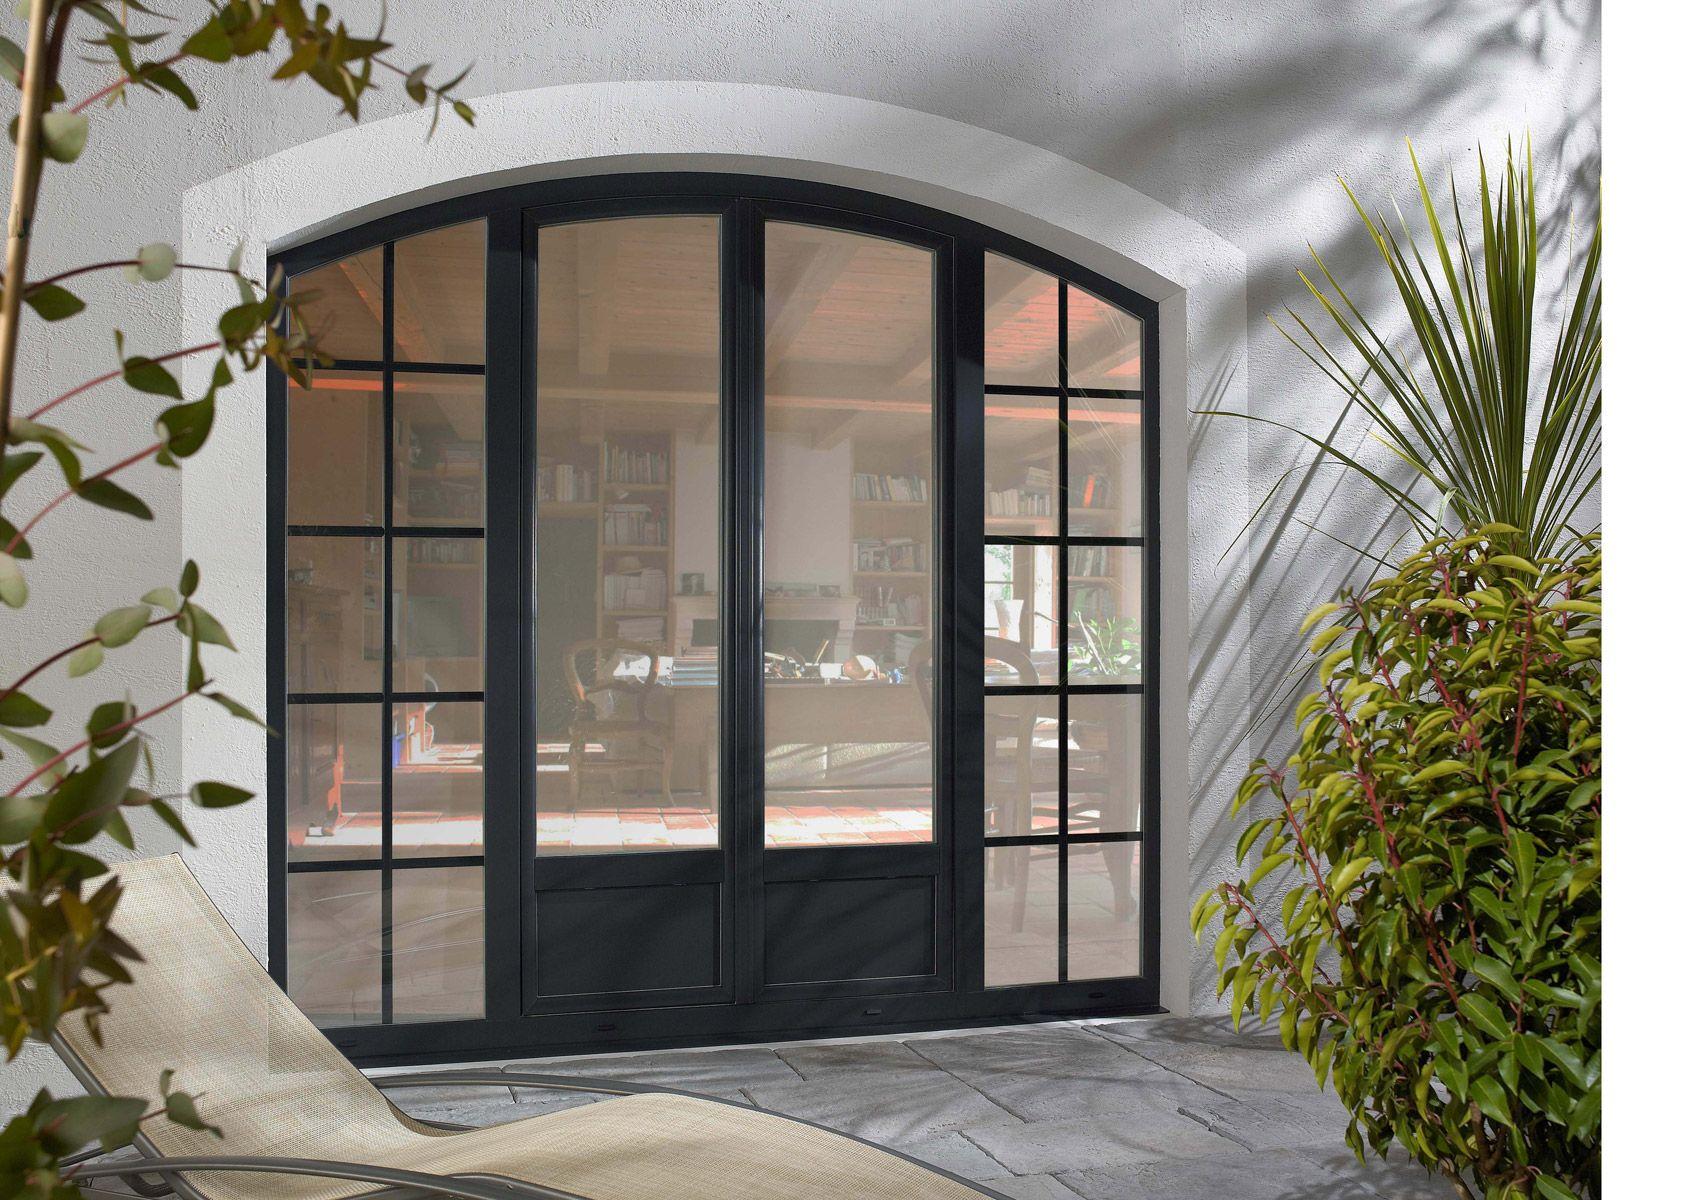 menuiserie pvc haut de gamme c2r maison d co. Black Bedroom Furniture Sets. Home Design Ideas